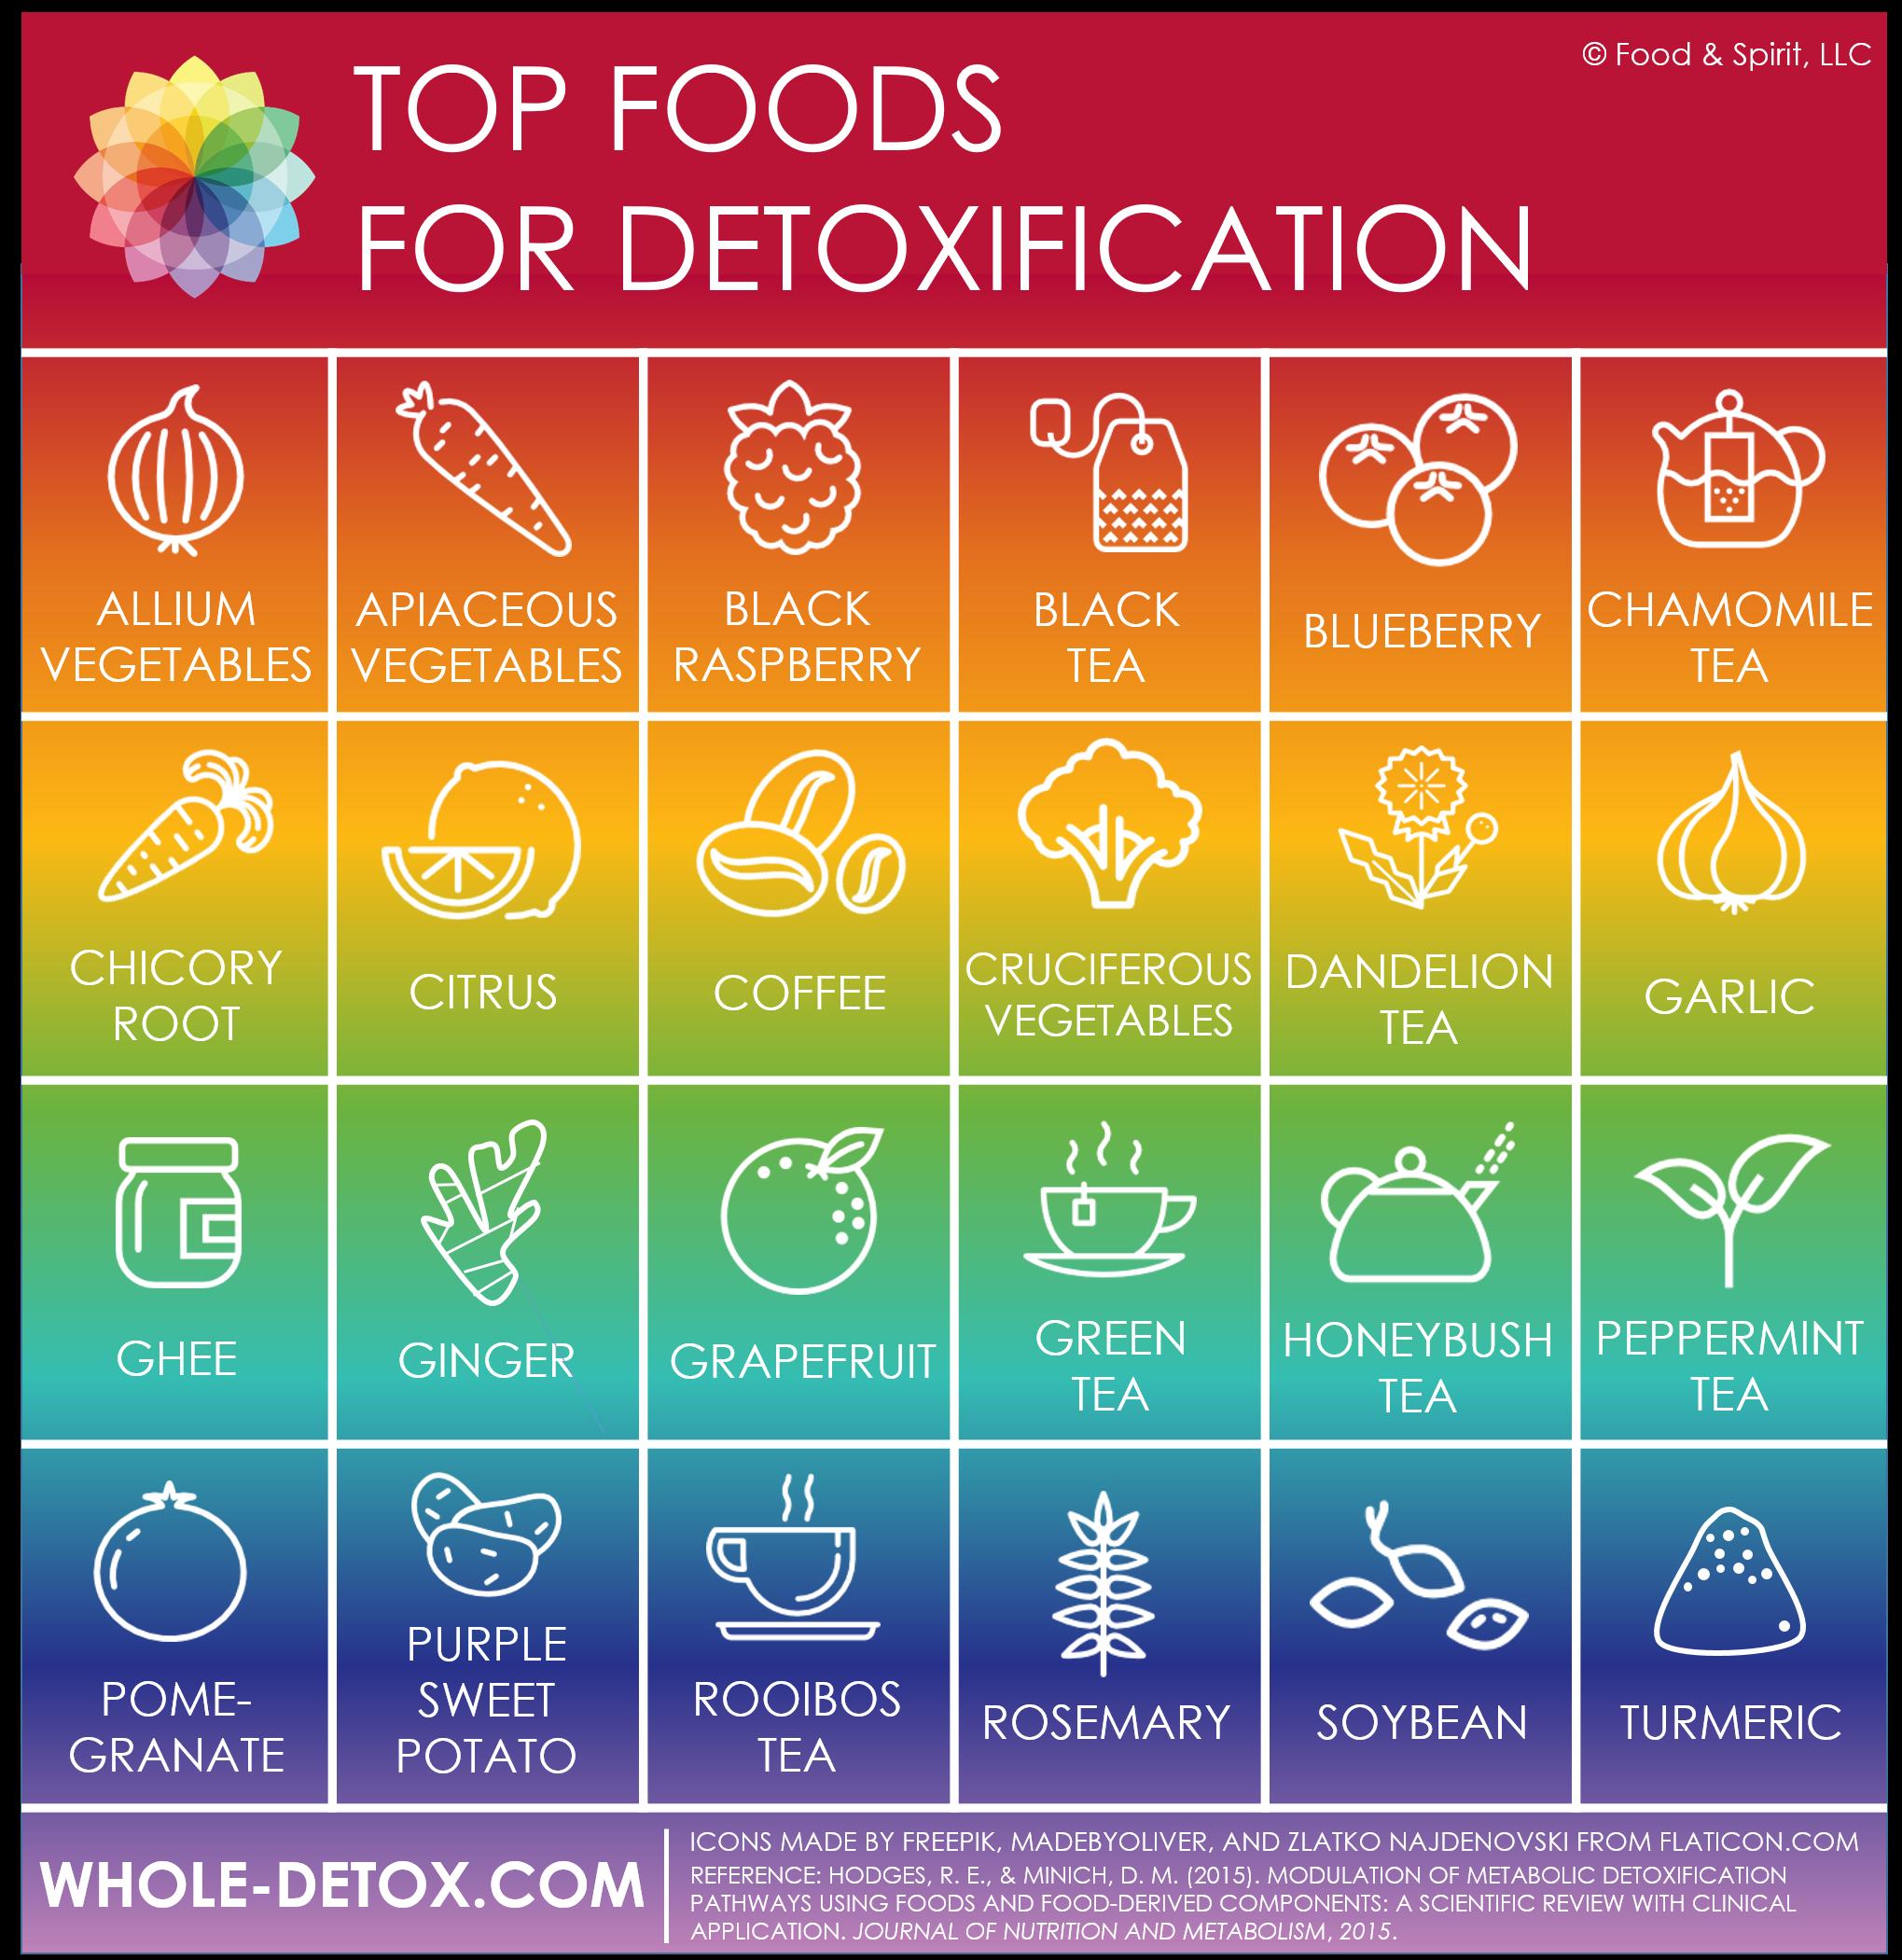 Top Detox Foods Infographic